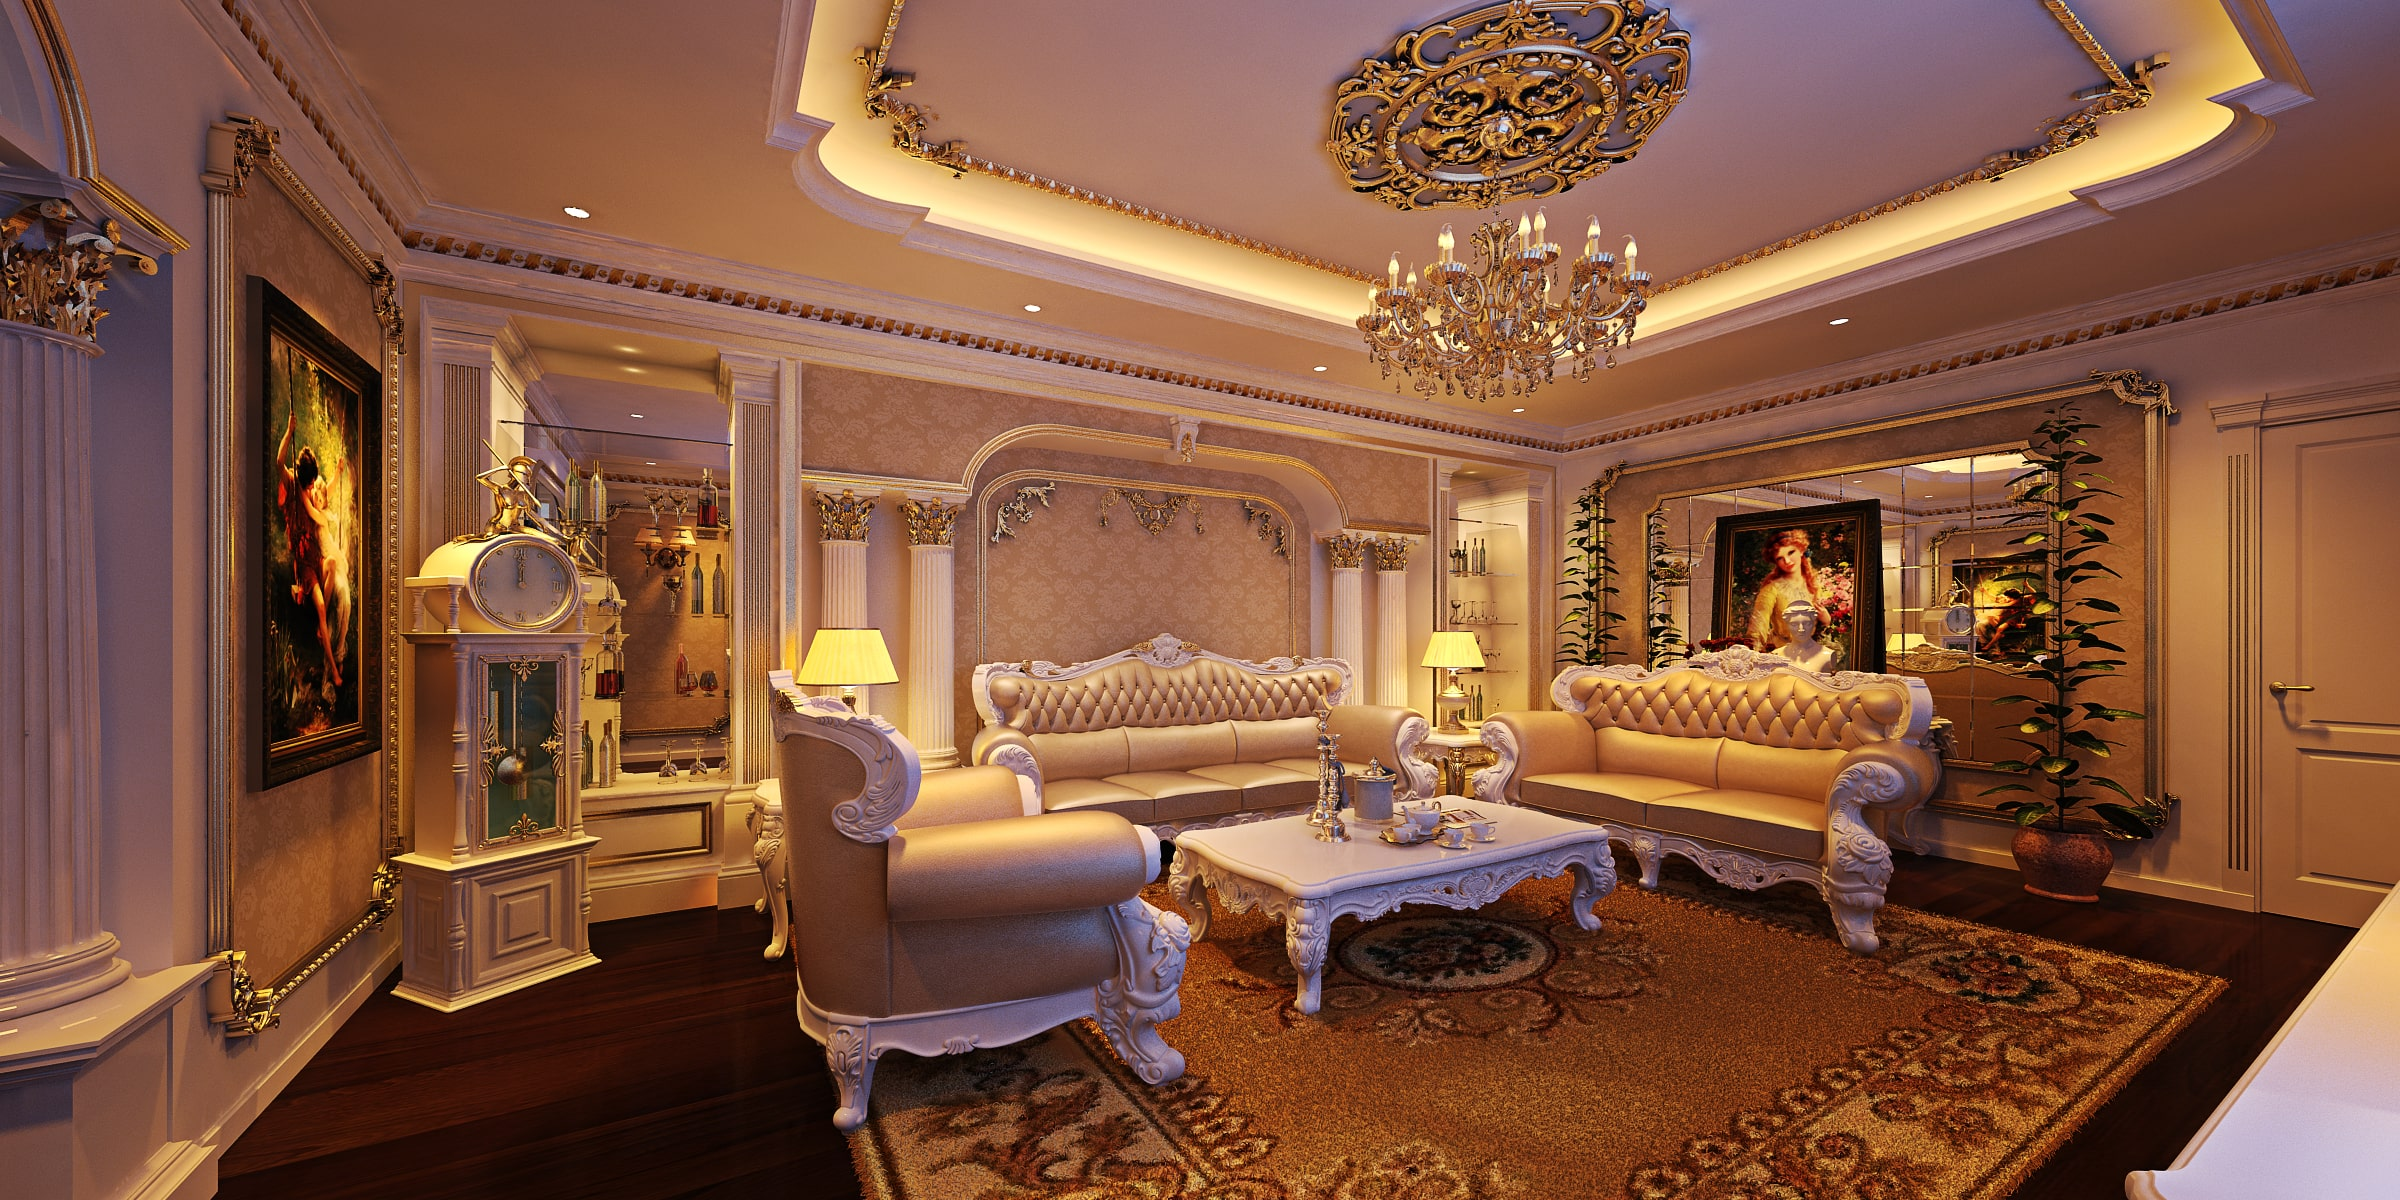 Chọn lựa nội thất cho phong cách Tân cổ điển của biệt thự